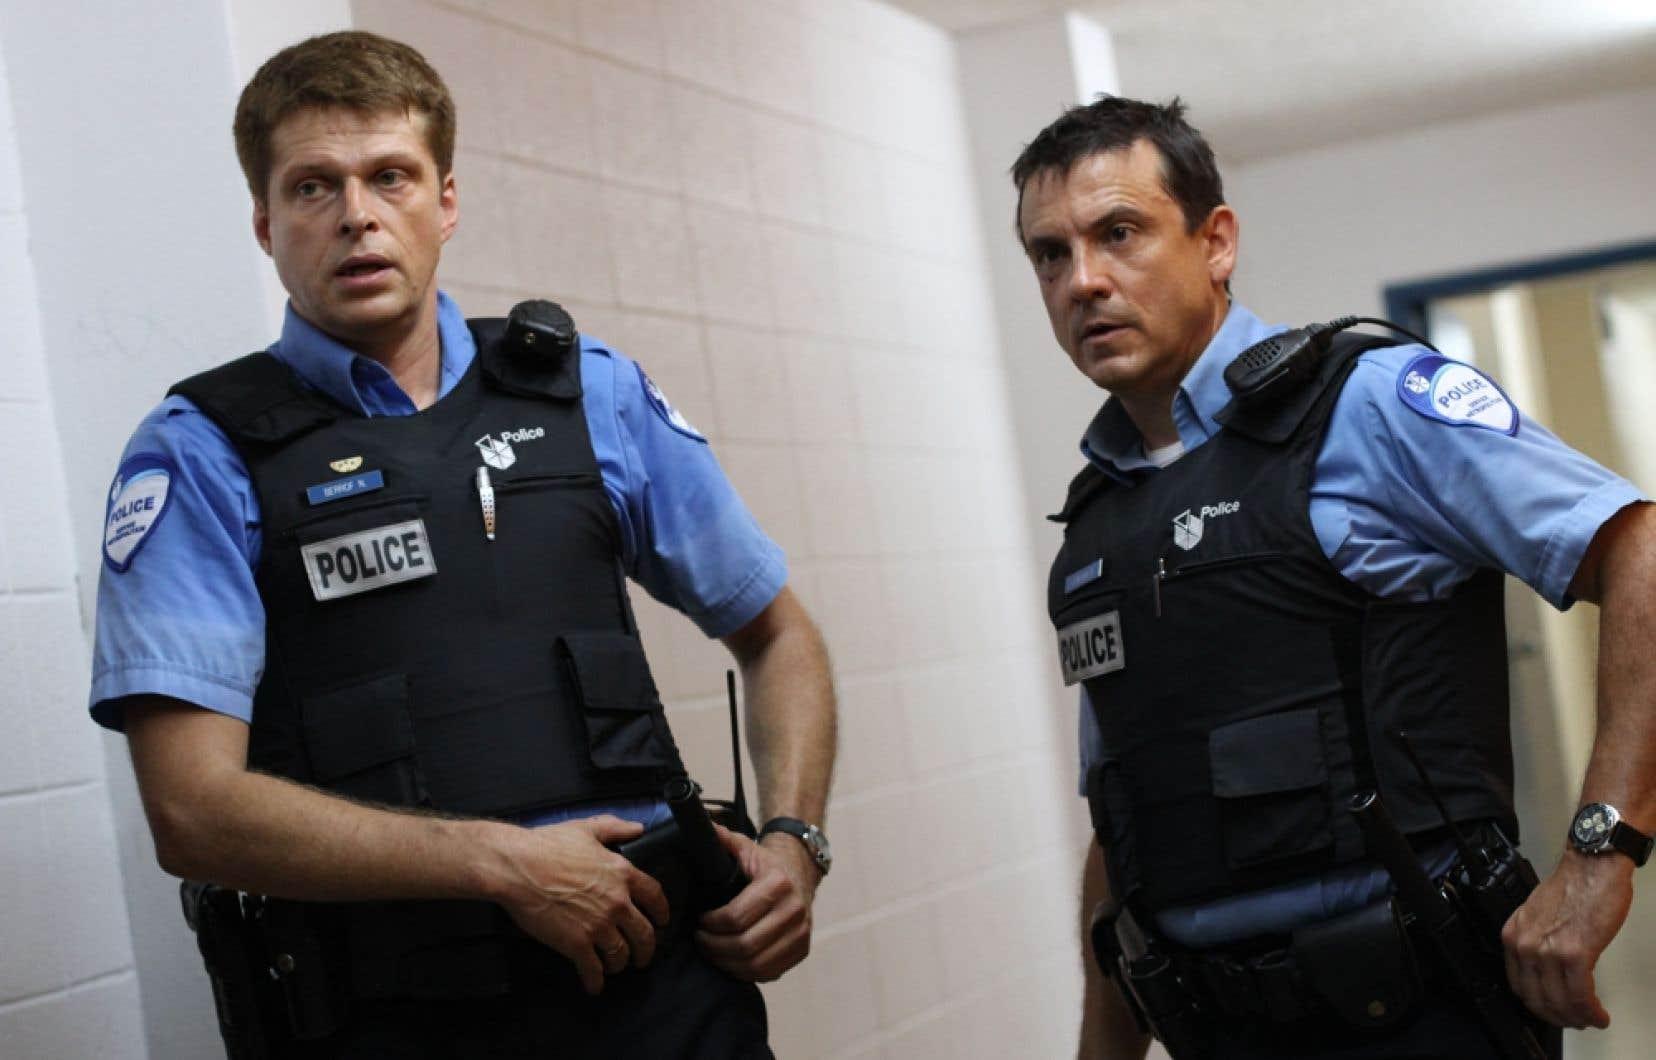 Dans la version québécoise de 19-2, Réal Bossé et Claude Legault sont les personnages principaux. Dans la version anglaise, le rôle de Bossé est joué par Adrian Holmes, comédien afro-canadien.